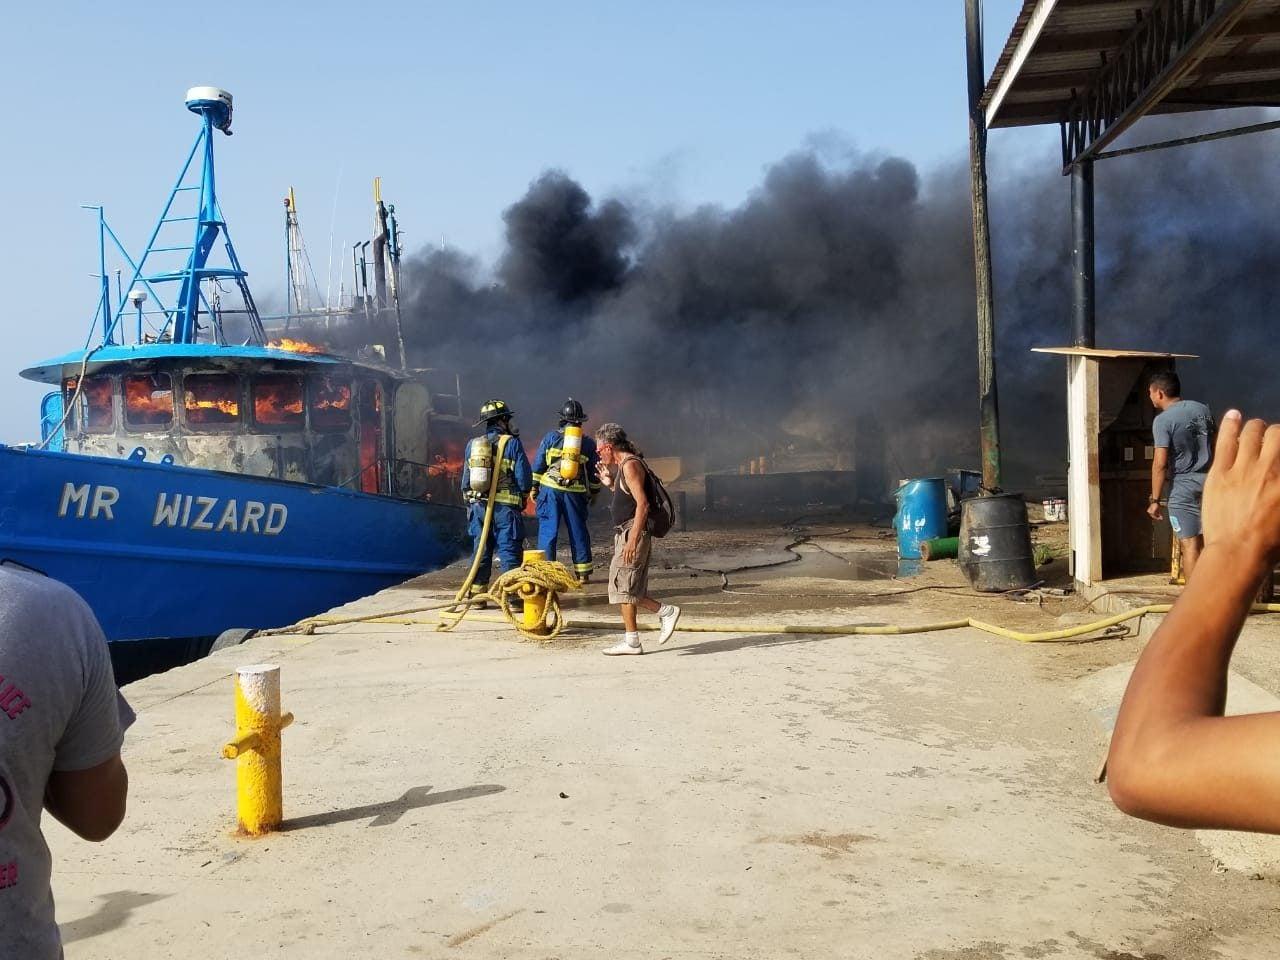 """El incendio consumió la embarcación Wizard y ocurrió el 23 de junio de 2019 en """"Los Fuertes"""", Roatán."""